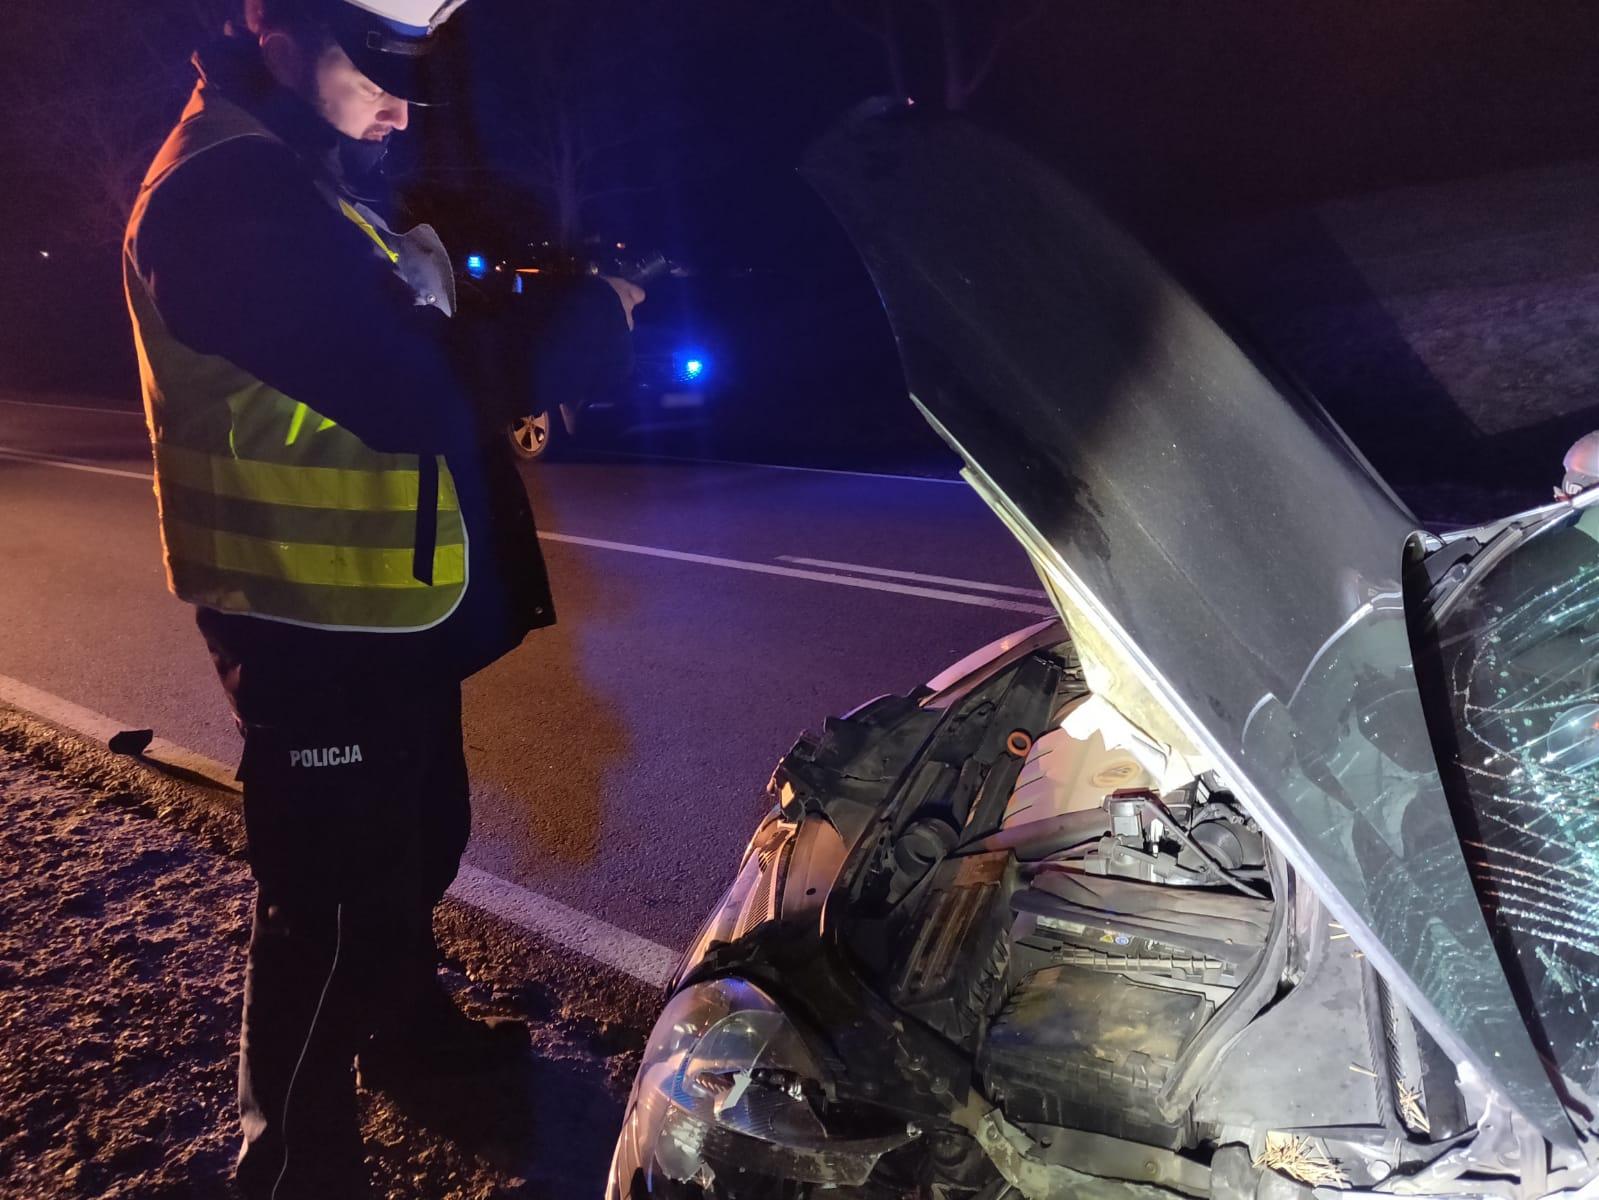 https://m.wm.pl/2019/02/orig/0000010643-1-miejsce-wypadku-531812.jpg